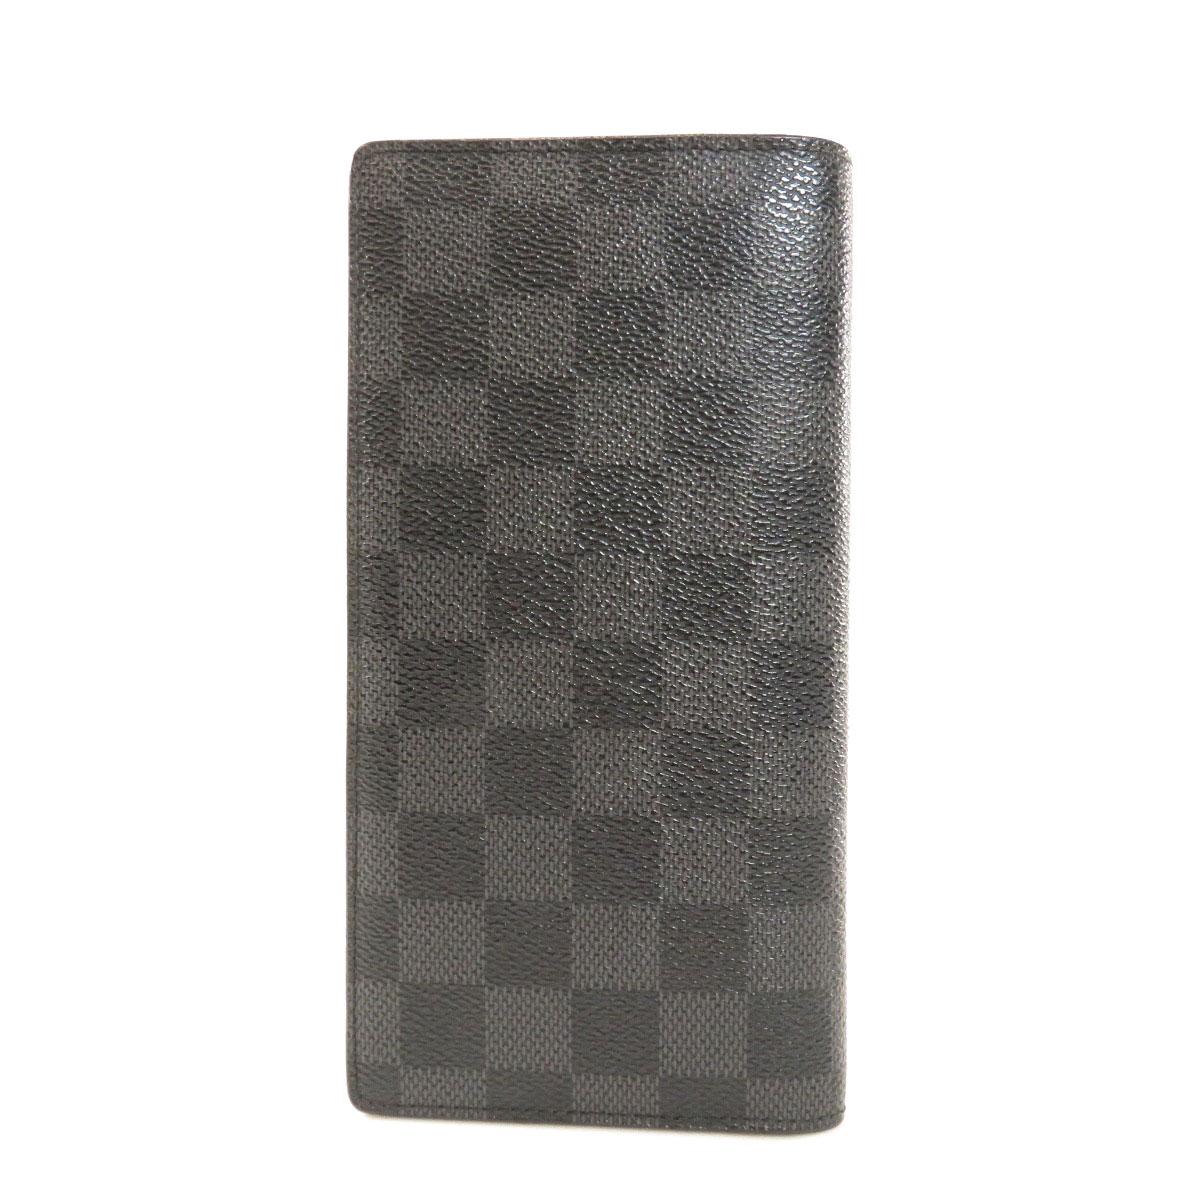 2c4b5636e330 ルイヴィトン N62665 最安値 ポルトフォイユ·ブラザ セール 旧型 長財布 ...